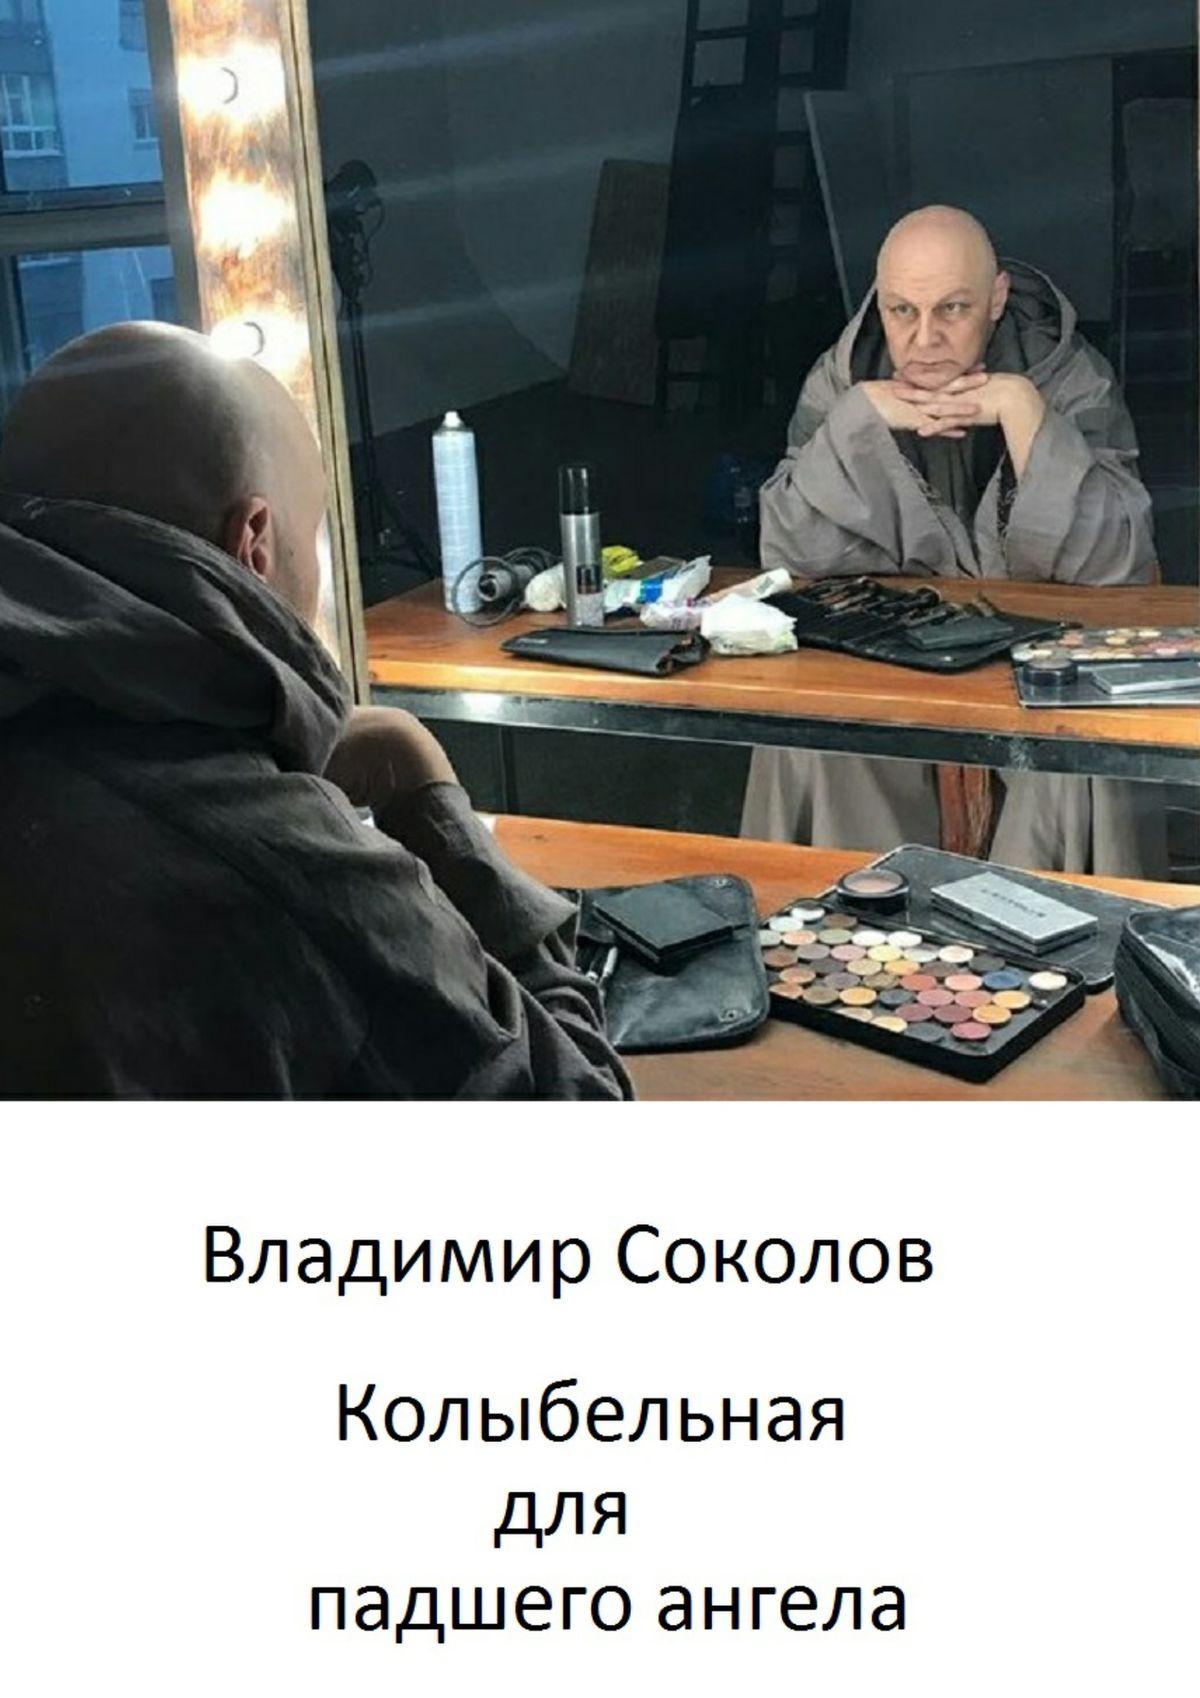 Фото - Владимир Соколов Колыбельная для падшего ангела и и жерневская чаша пятого ангела